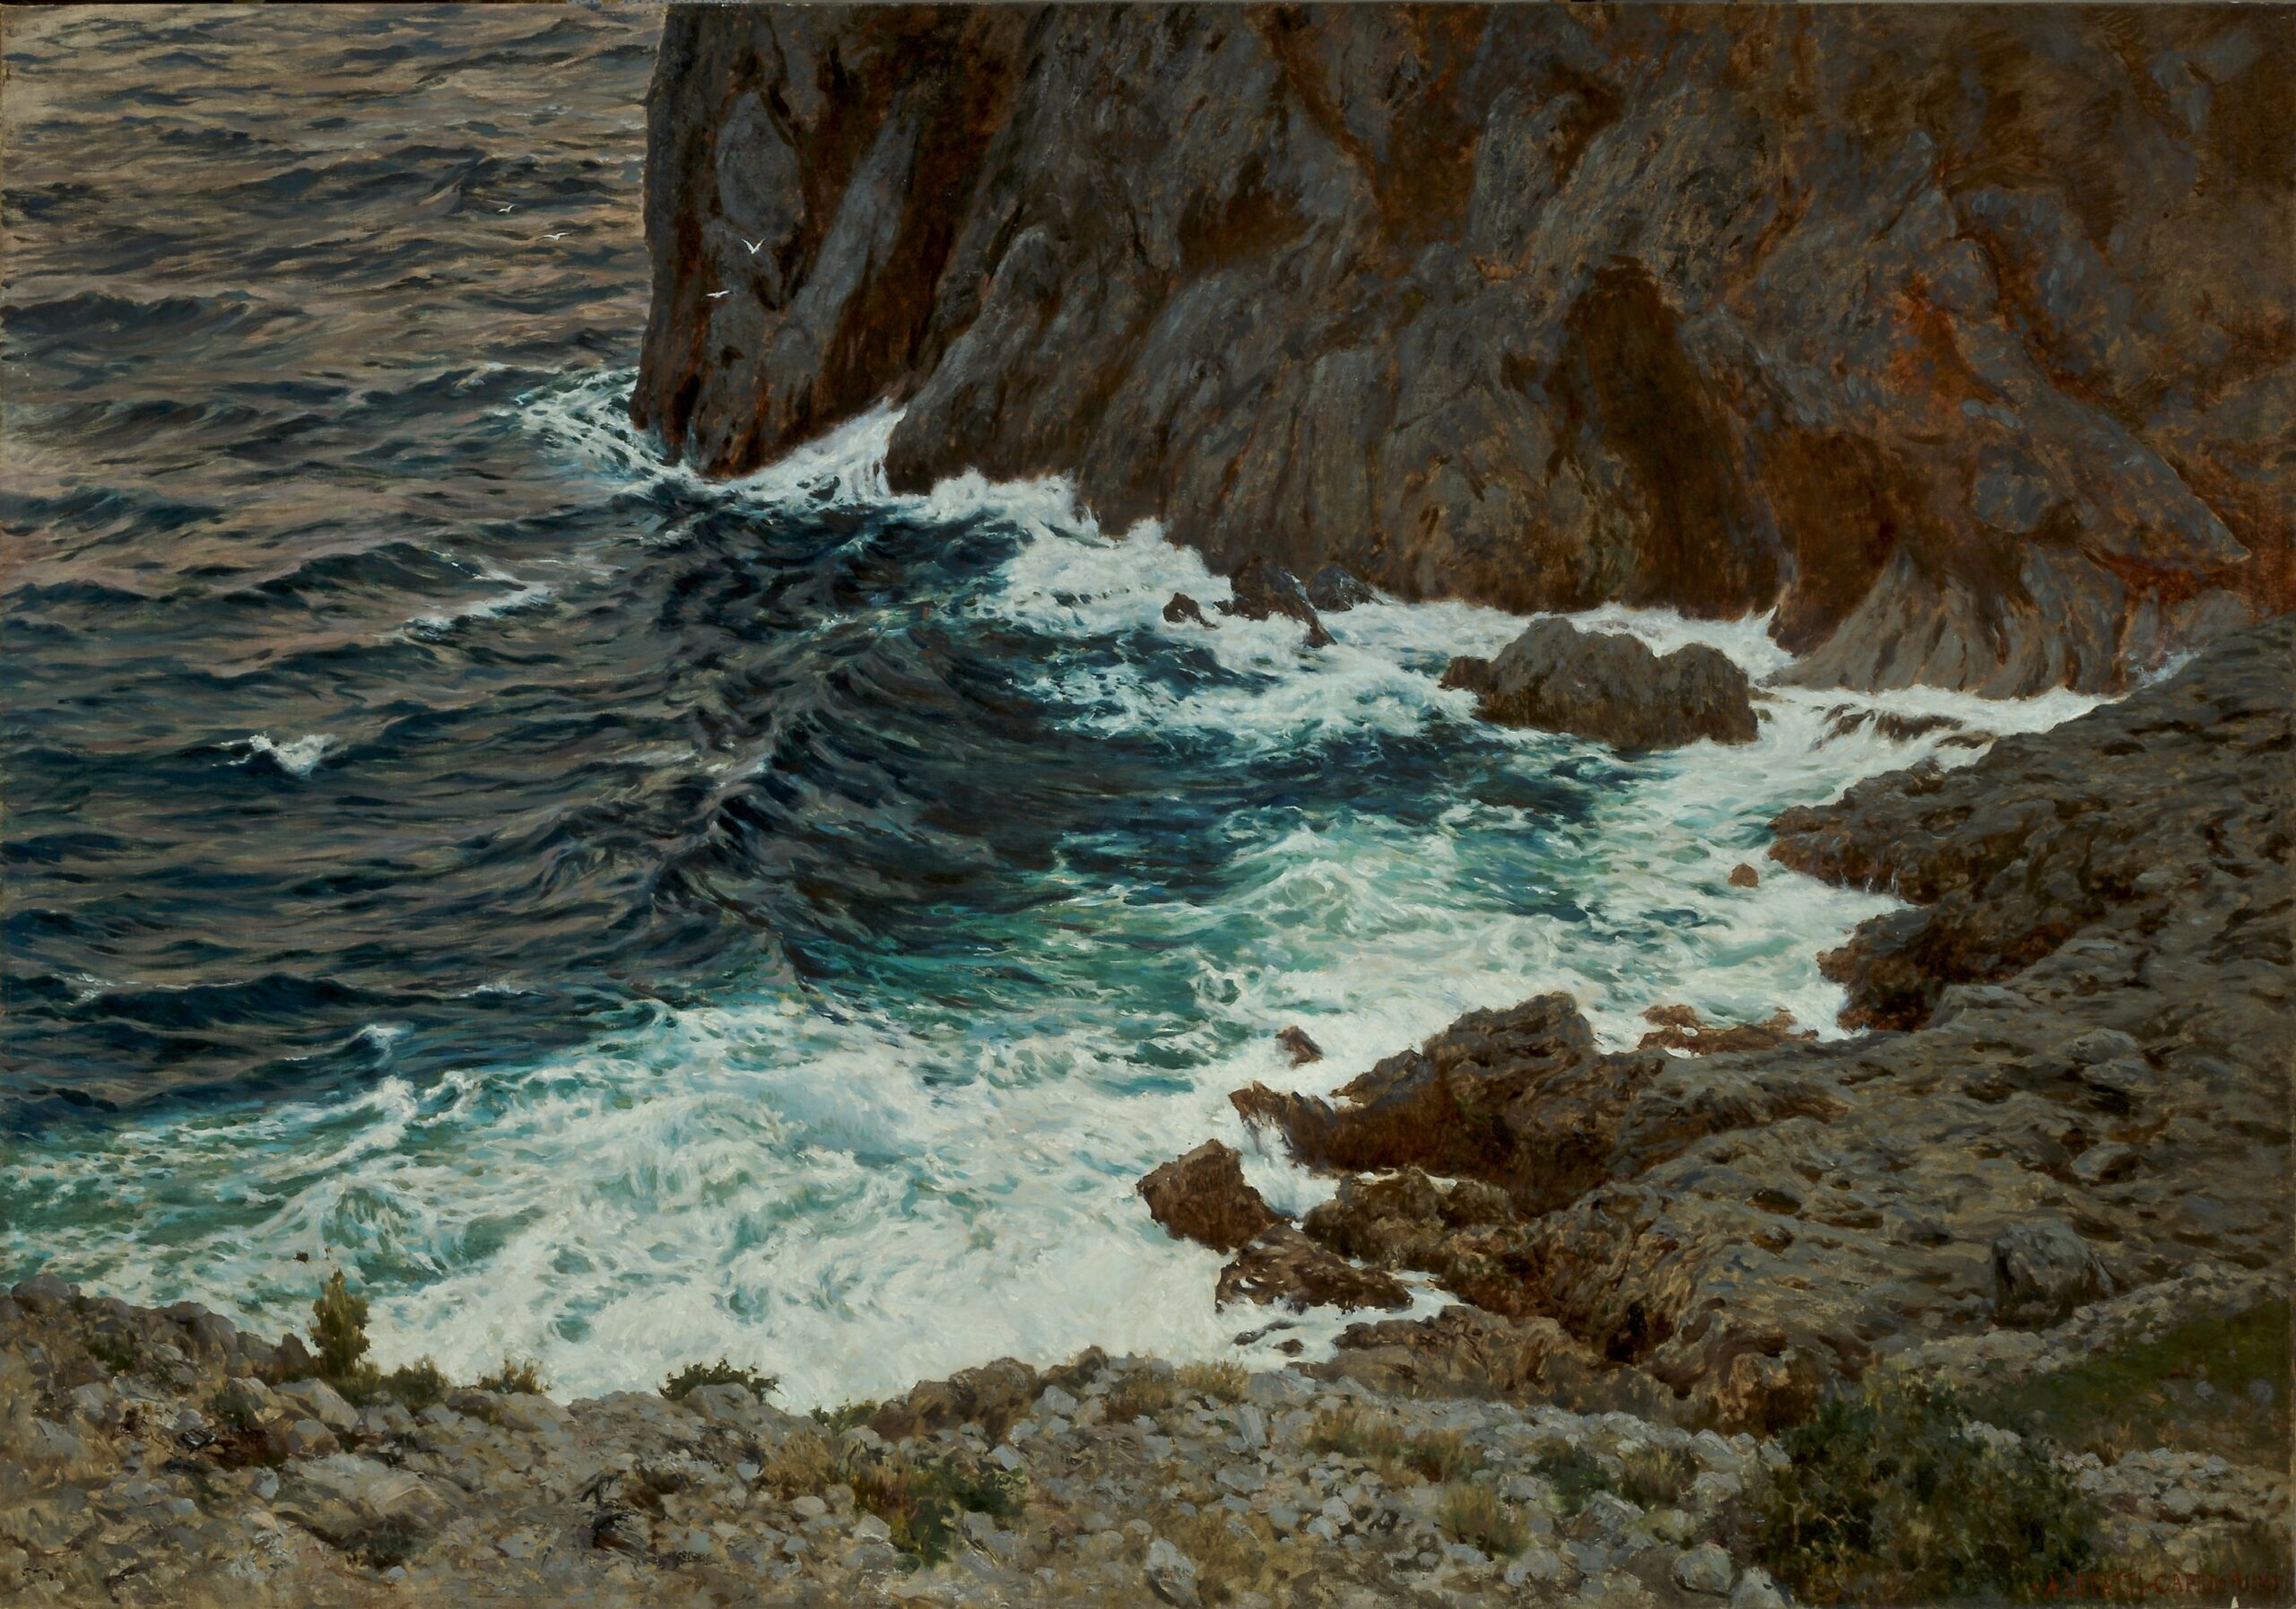 Dalle vedute liguri alla Costiera Amalfitana. Ultimo appuntamento estivo per la Casa d'Aste Santa Giulia